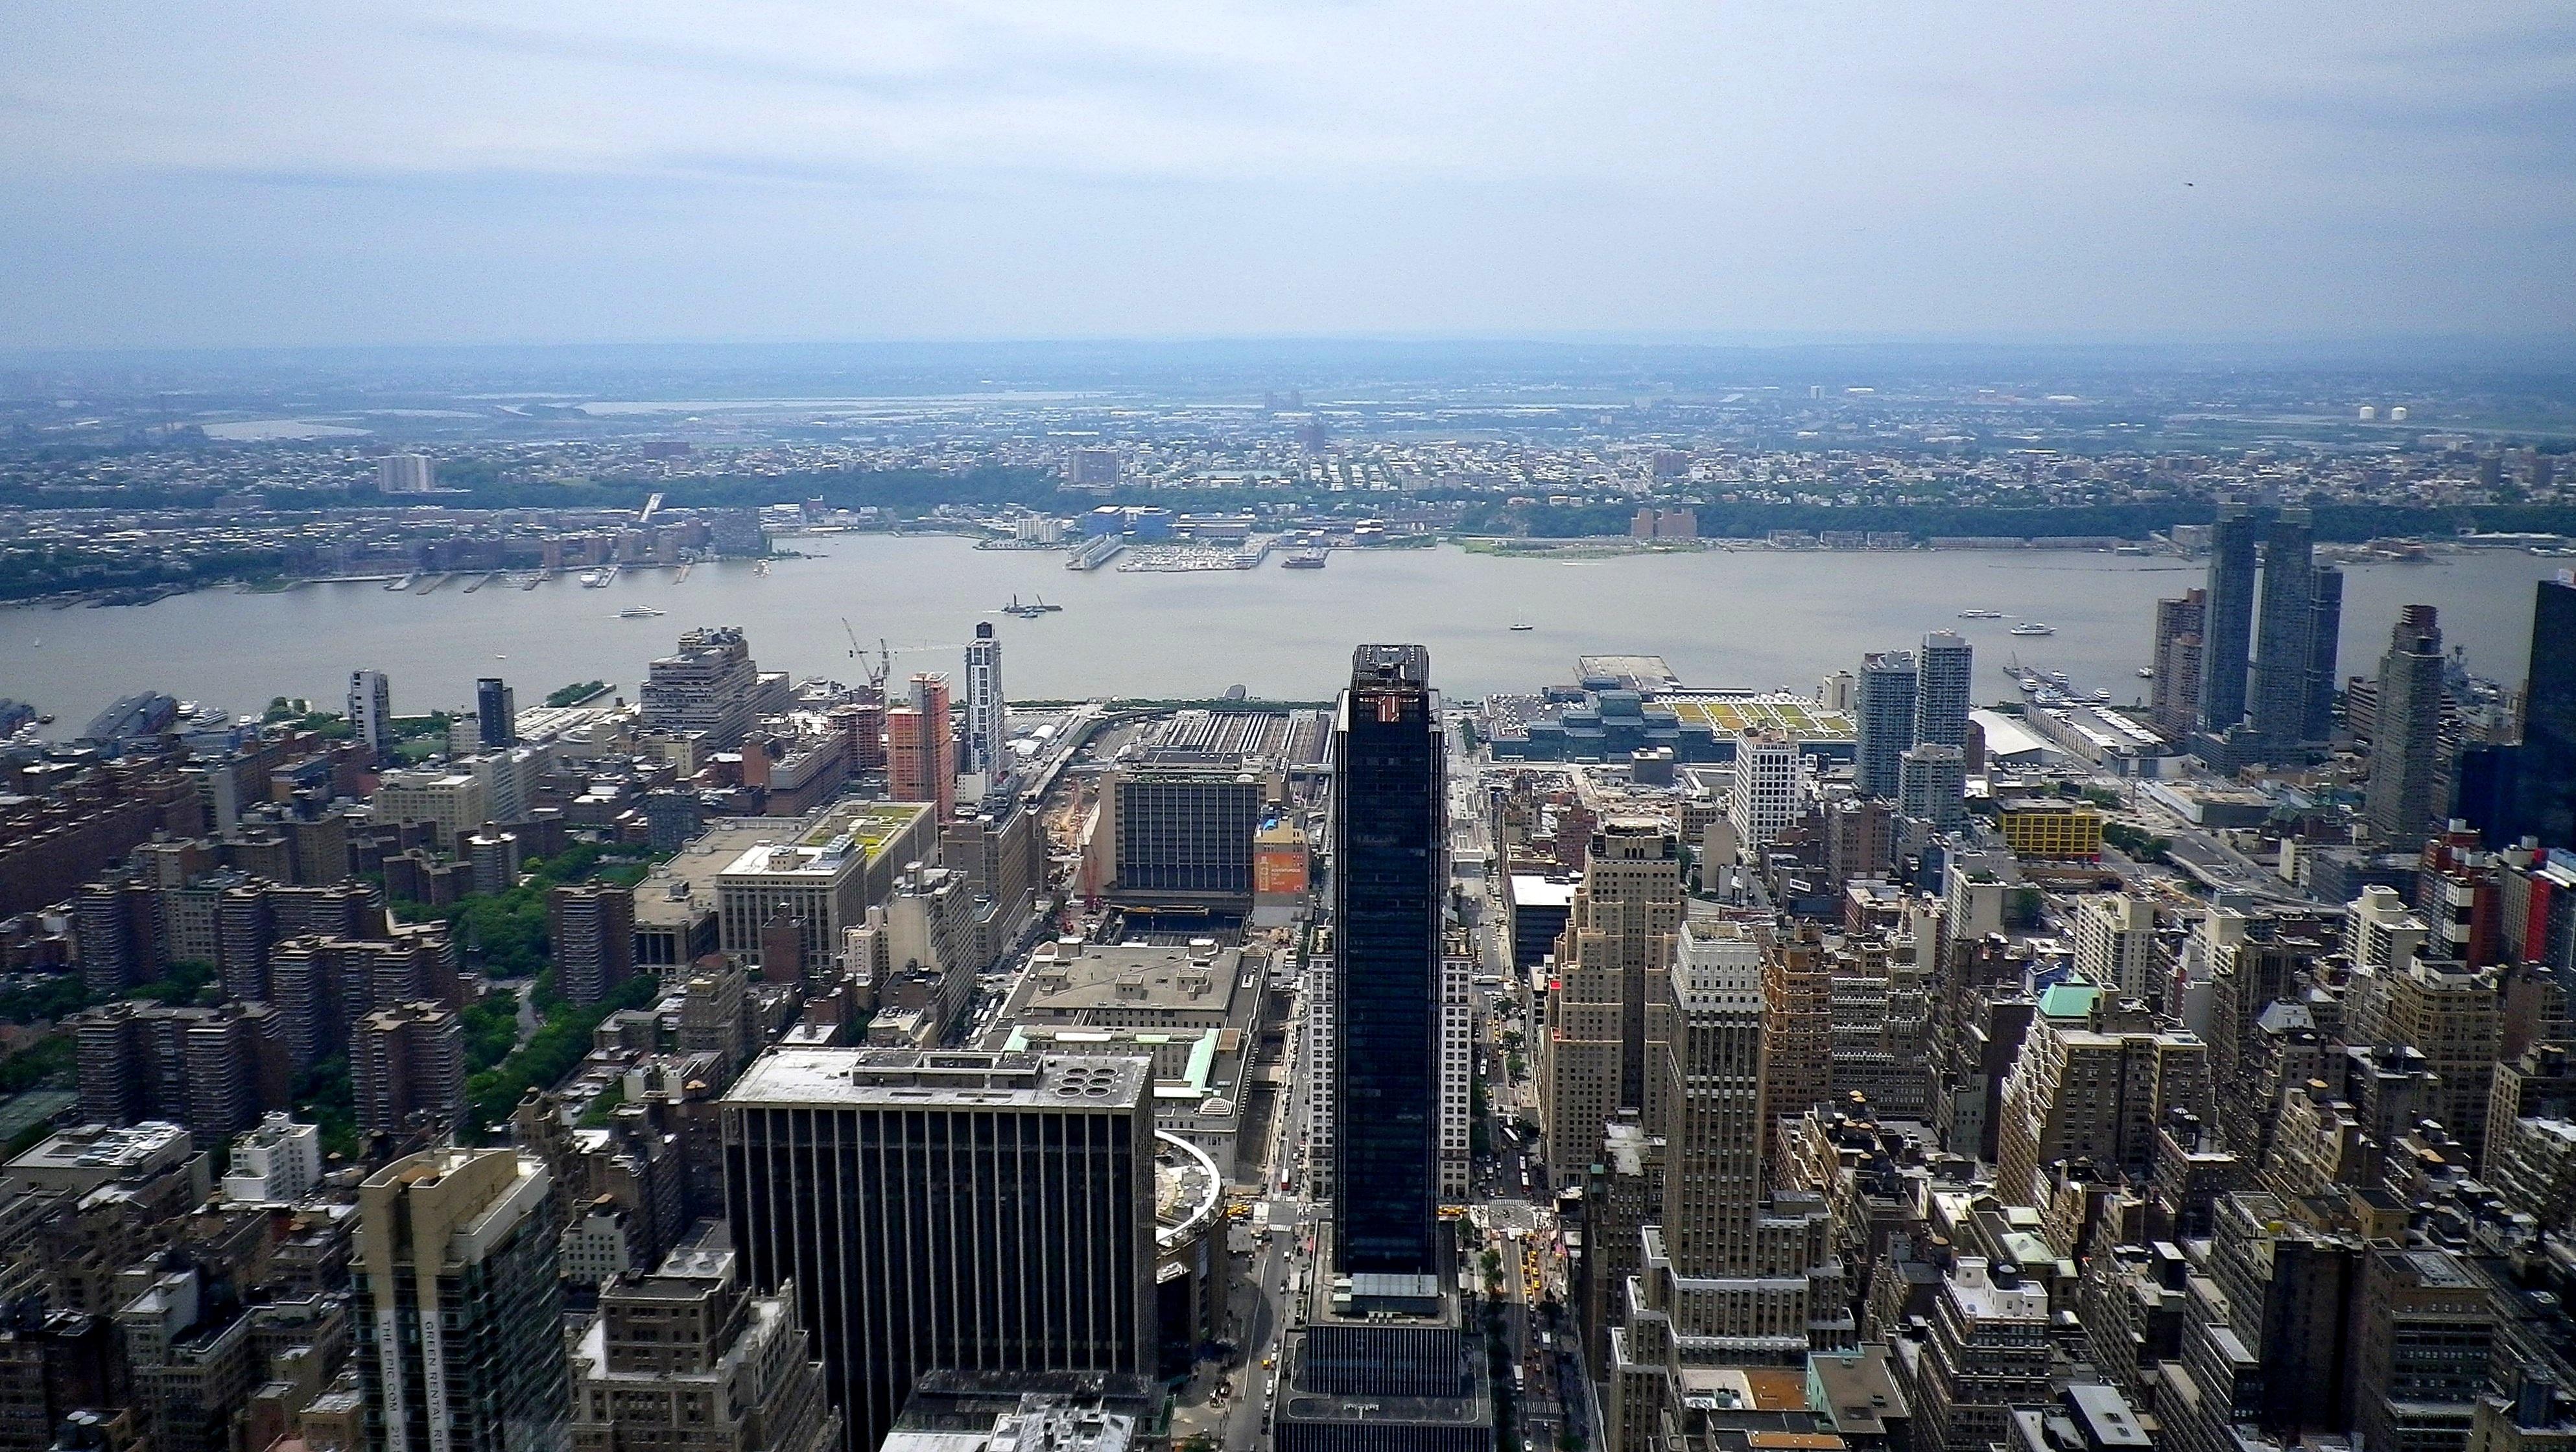 fotos gratis horizonte edificio rascacielos nueva york paisaje urbano panorama centro de la ciudad torre estados unidos punto de referencia